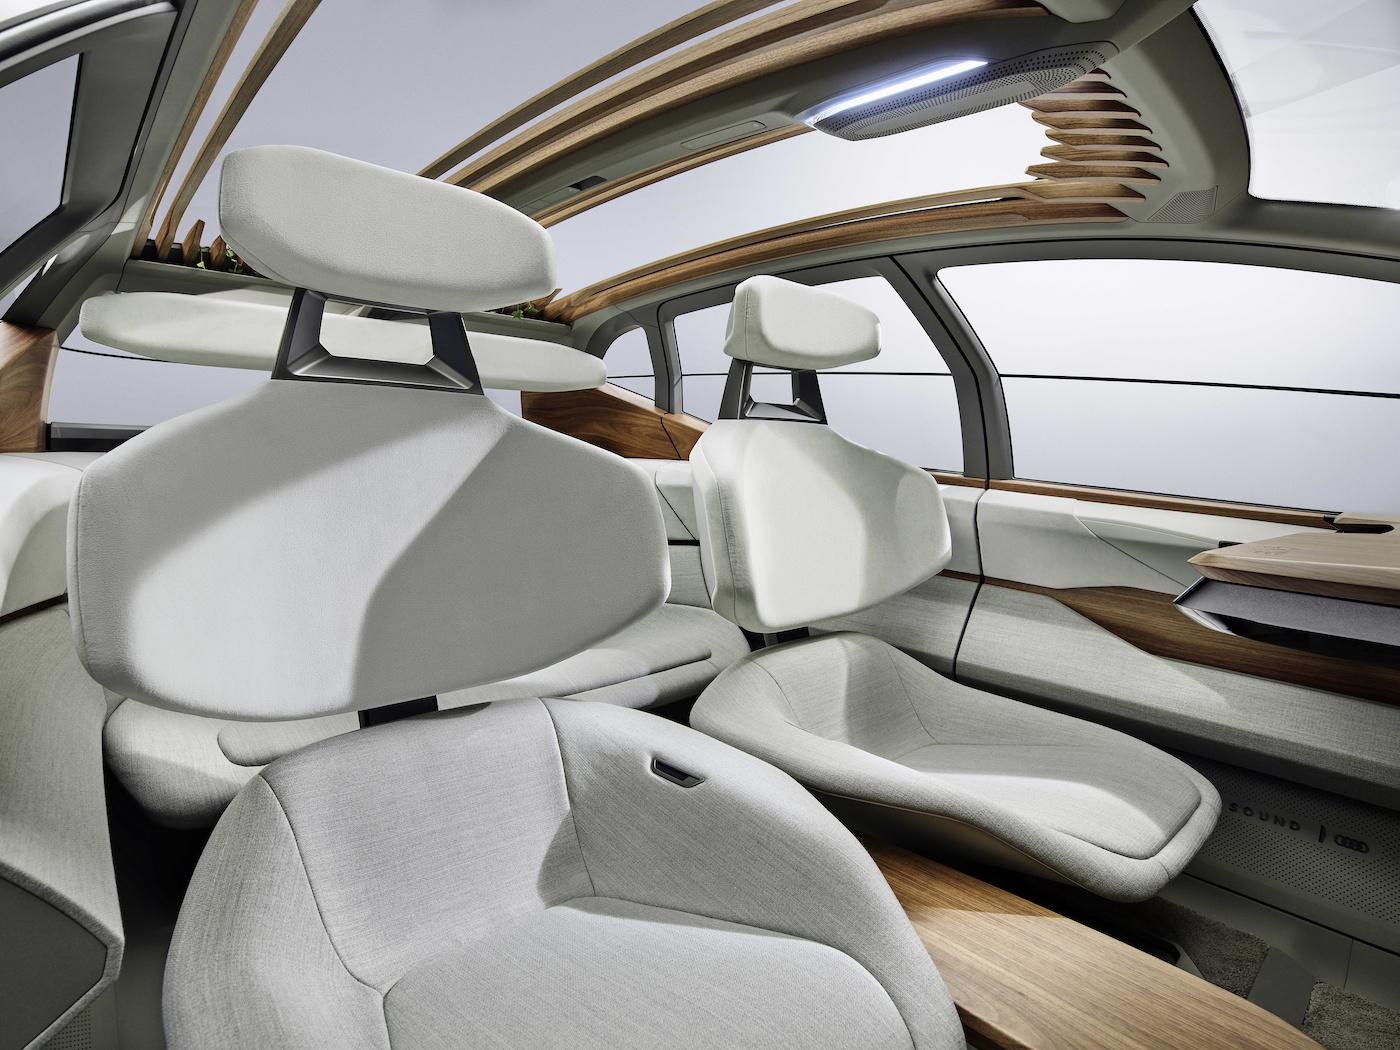 Der kompakte Audi der Zukunft: Das ist der Audi AI:ME 7